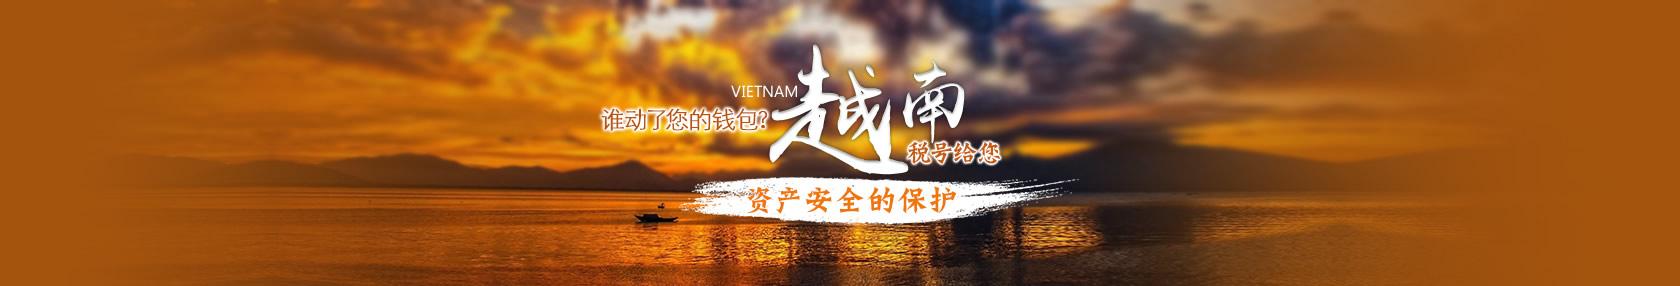 【个人税号】谁动了您的钱包?越南税号给您资产安全的保护。